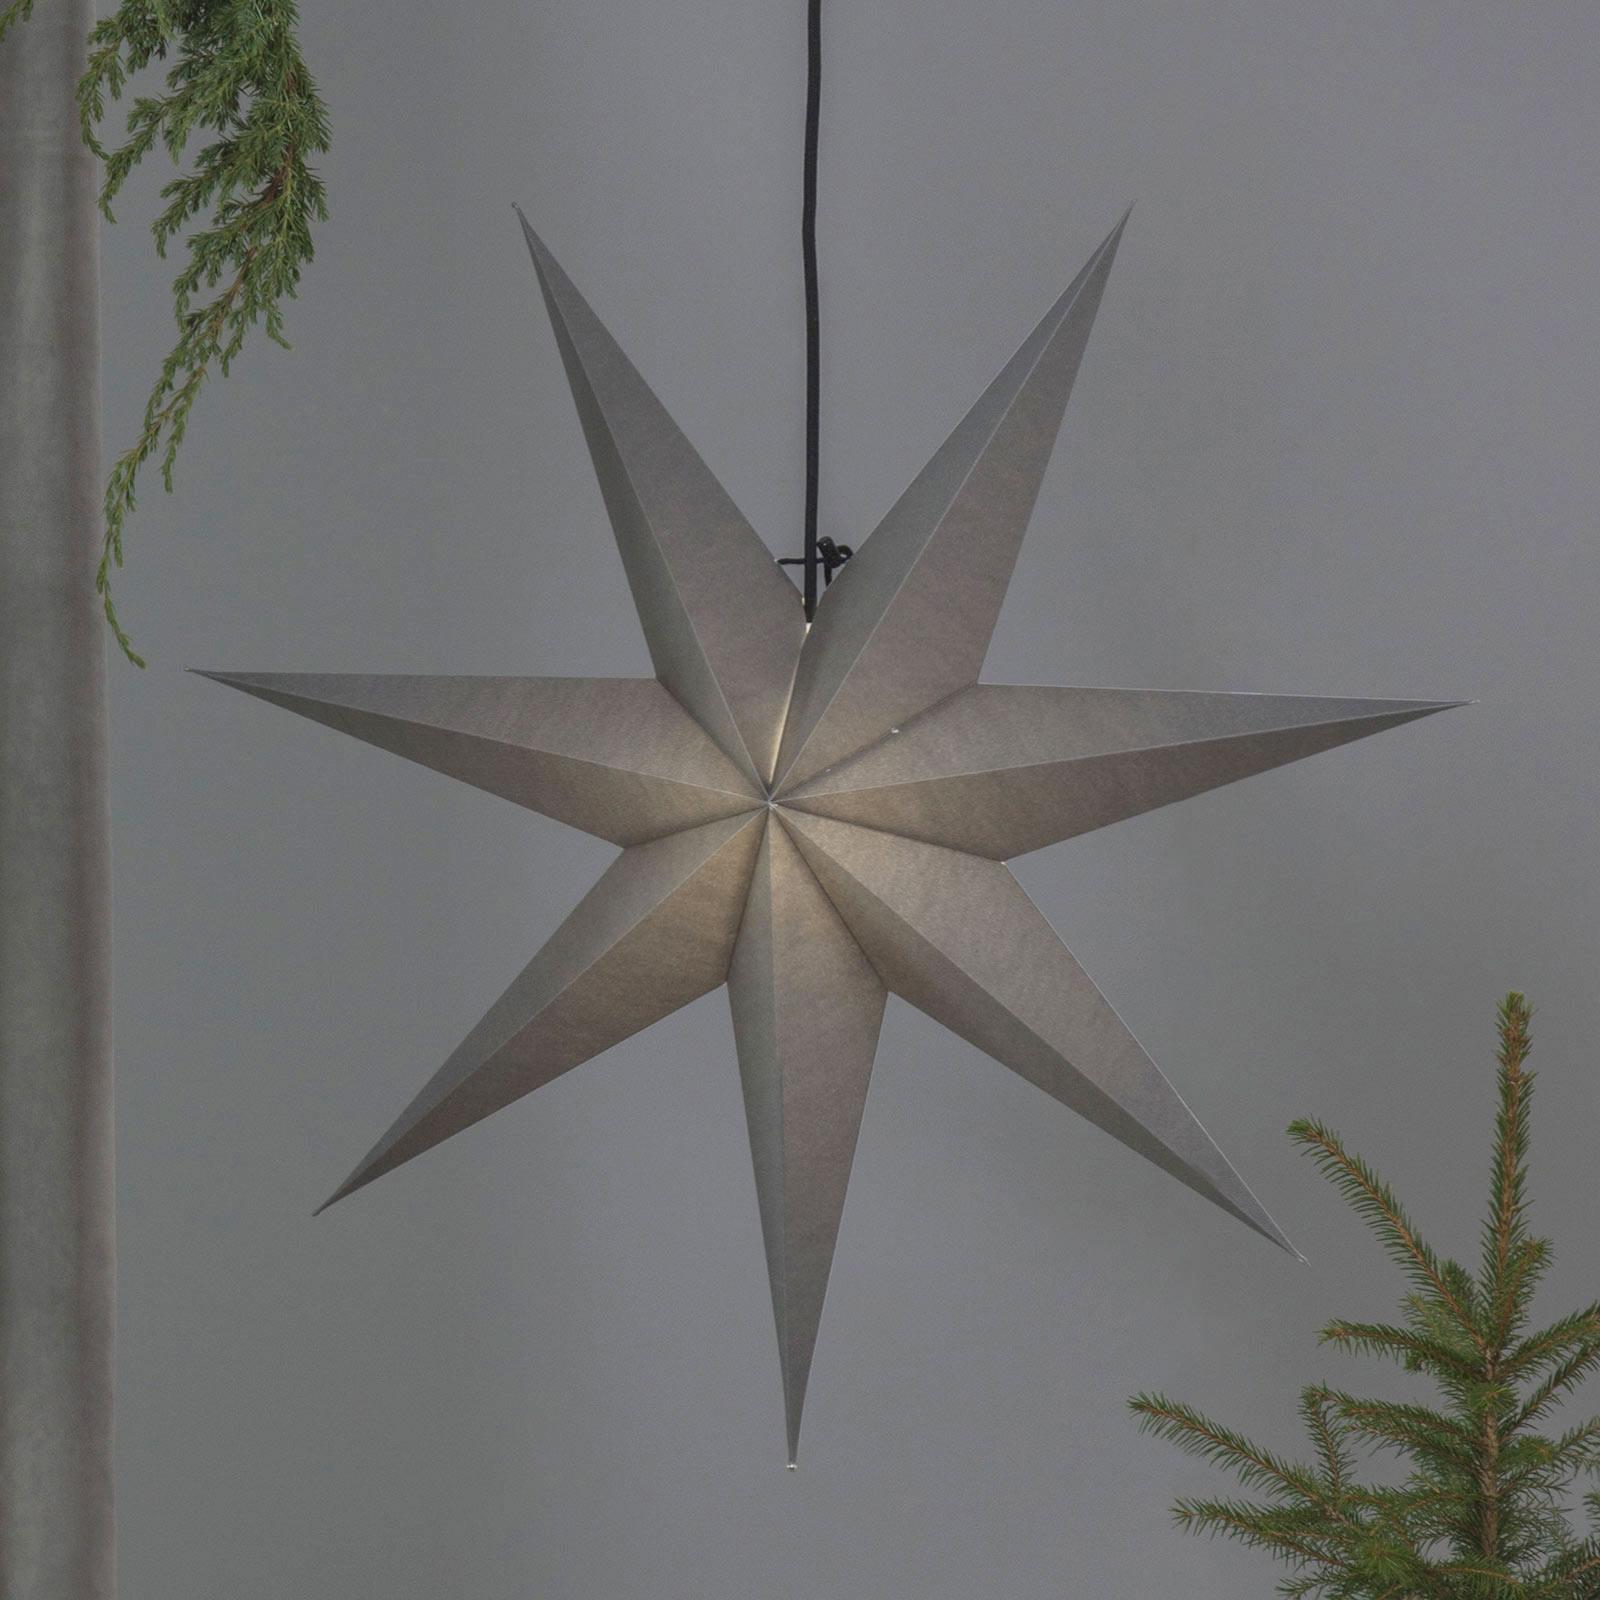 Étoile en papier Ozen sept branches 70cm